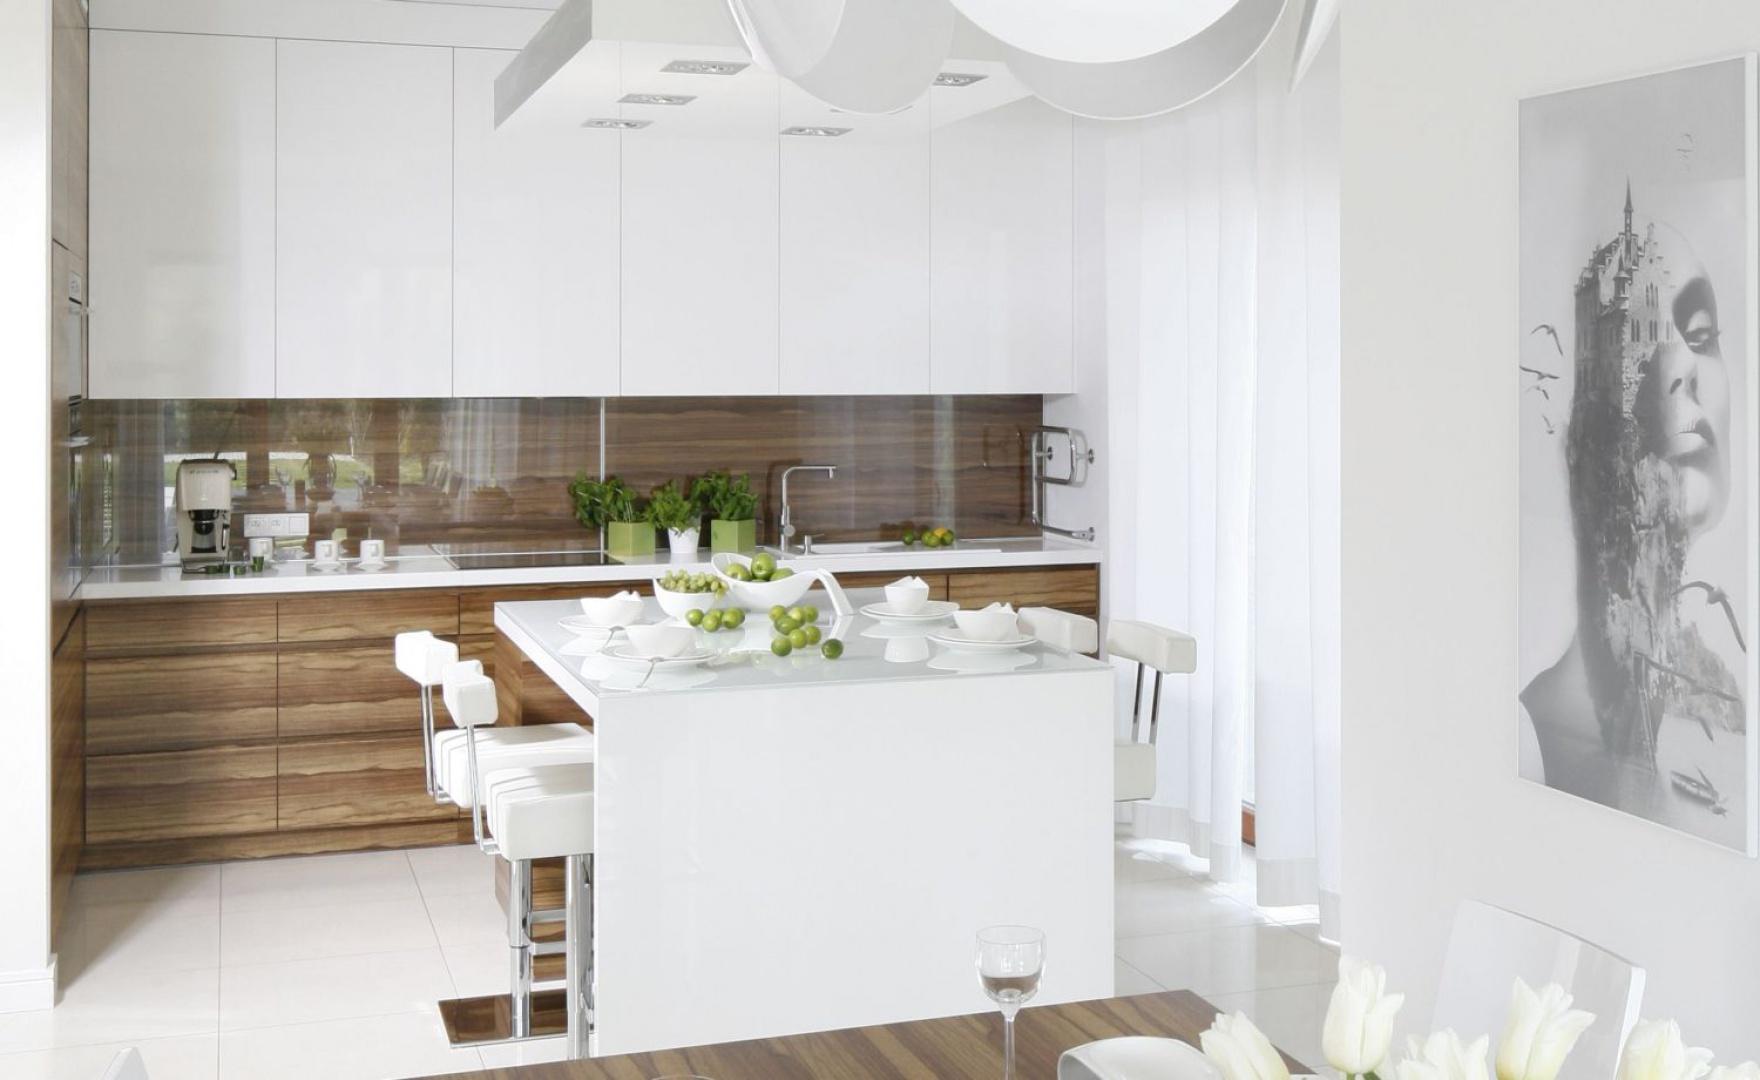 Elegancka kuchnia, w której piękny stonowany kolor drewna zestawiono z bielą. Obie wersje frontów wykończono w wysokim połysku. Projekt: Agnieszka Ludwinowska. Fot. Bartosz Jarosz.